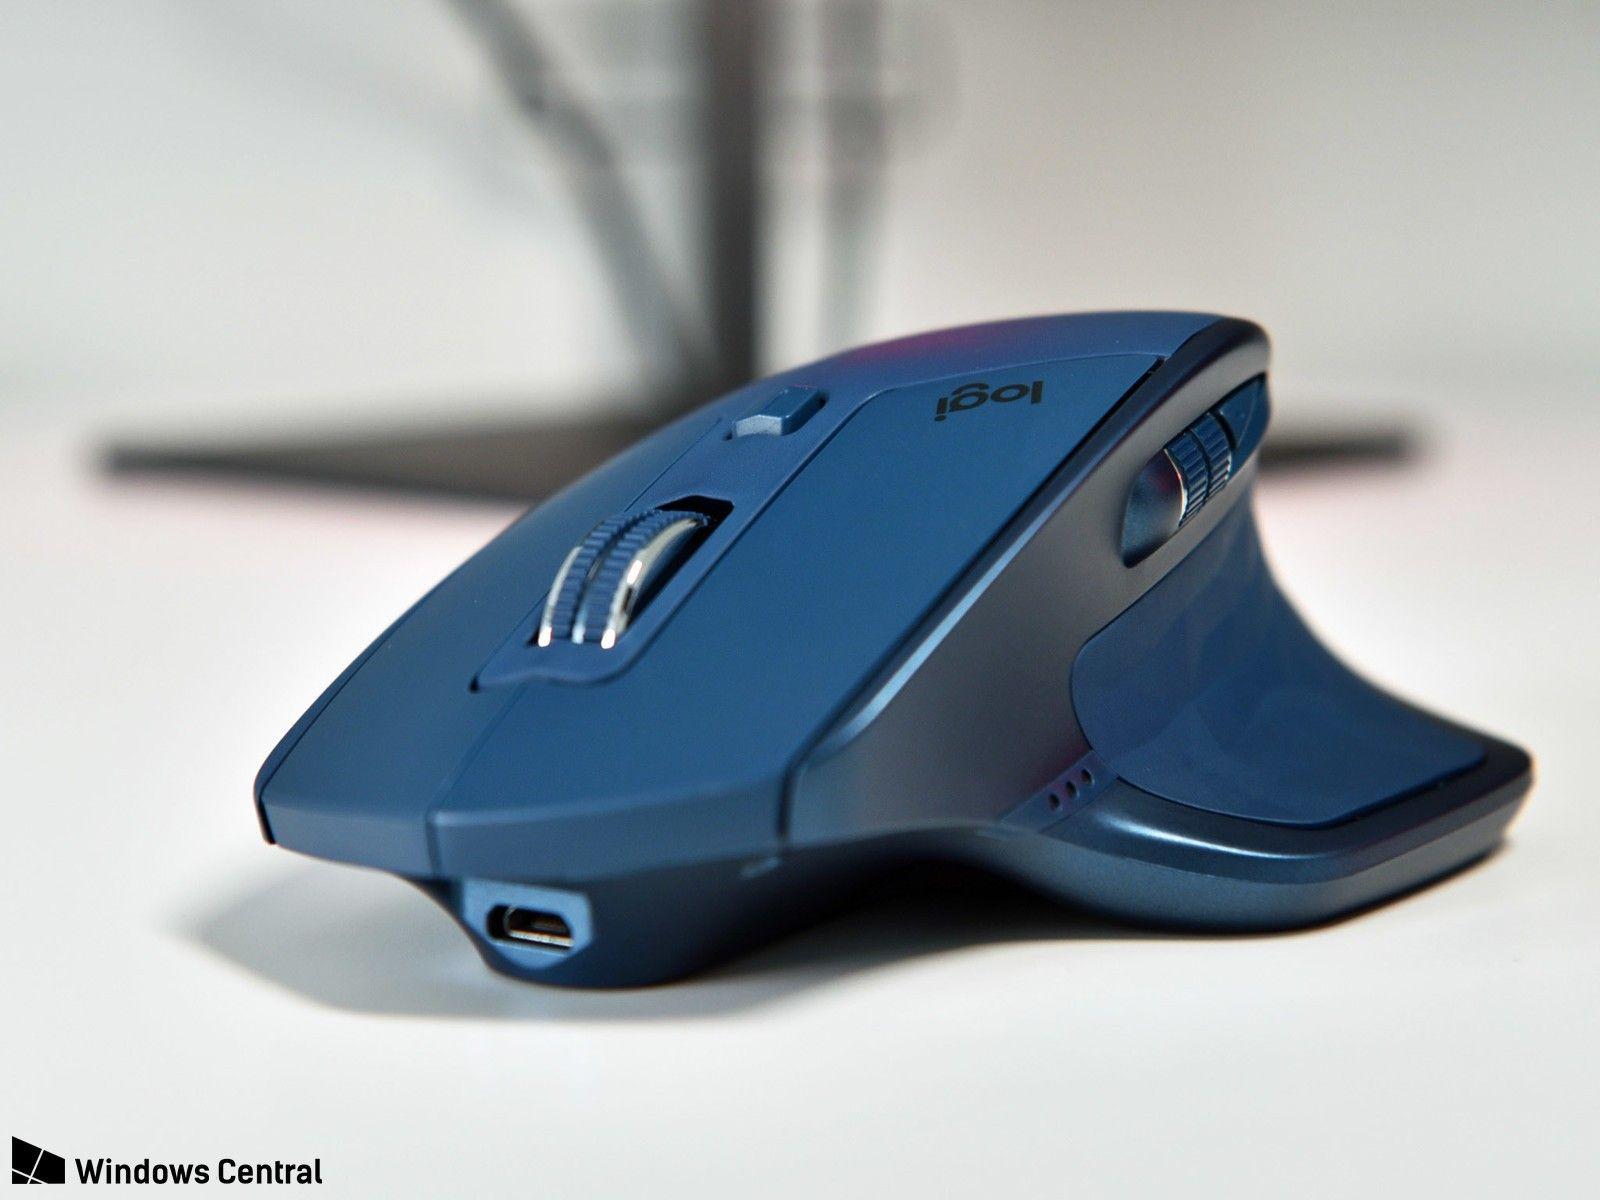 Myszka Logitech Mx Master 2s - Blue